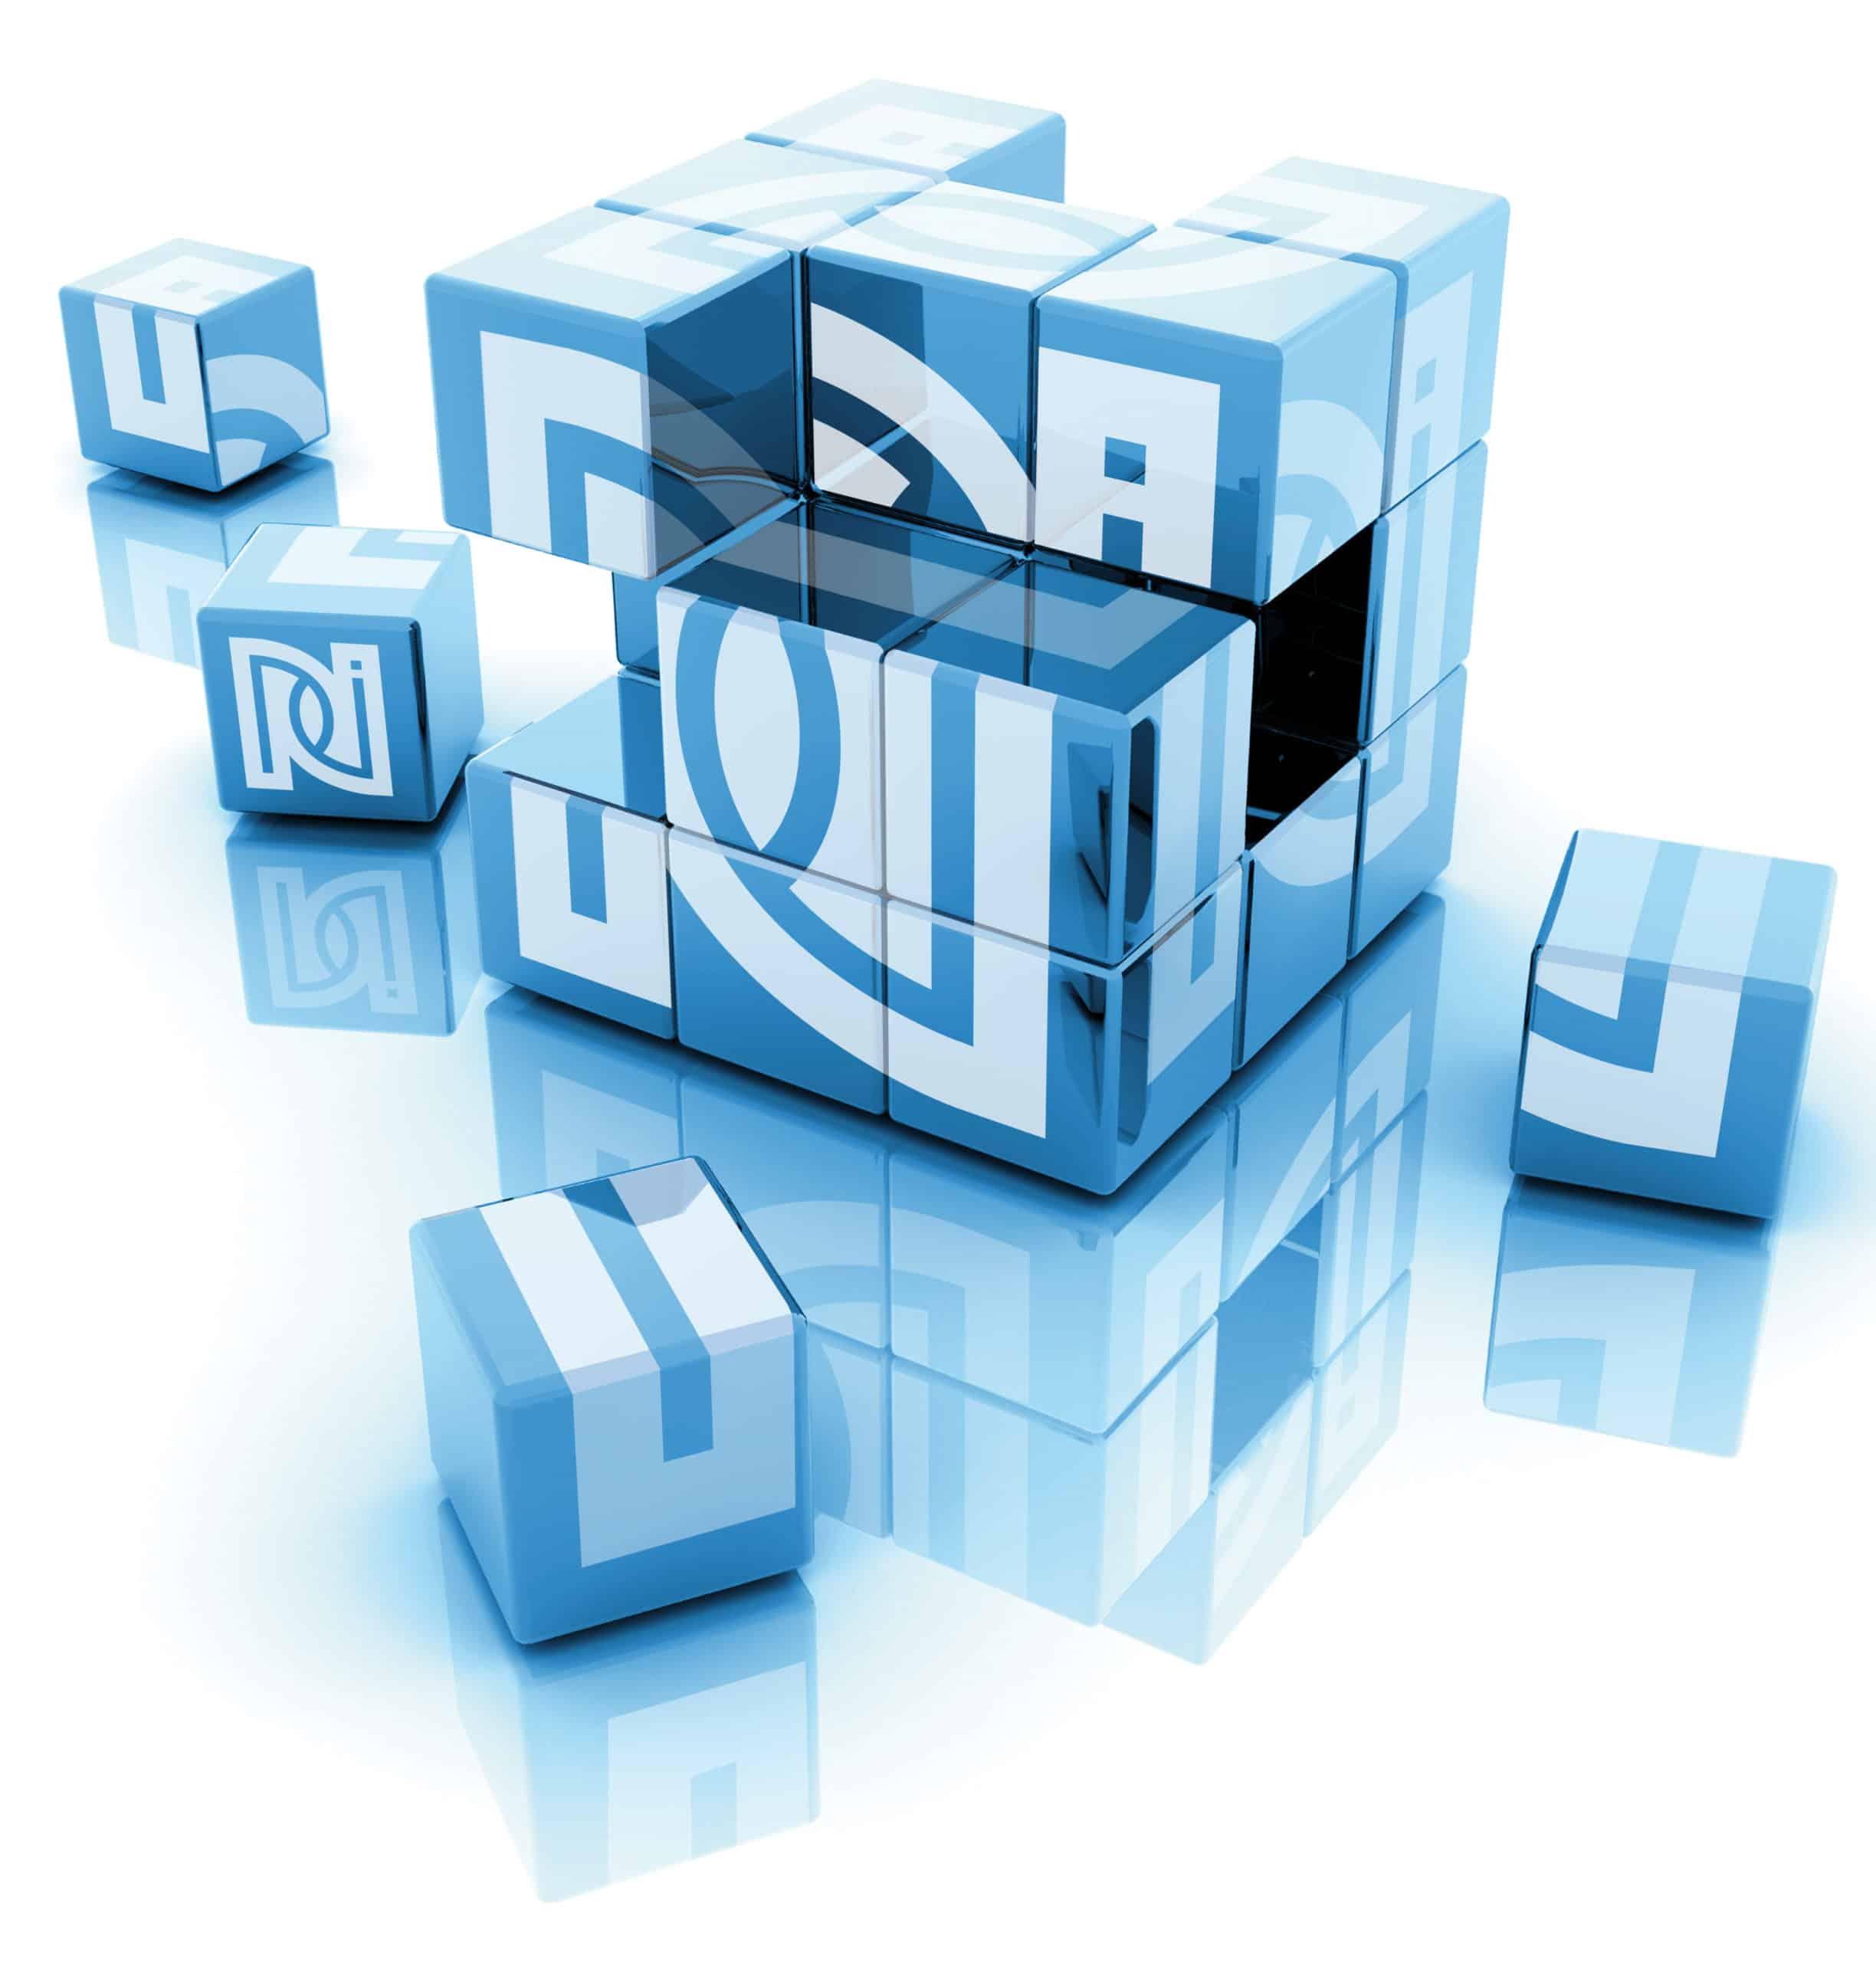 NiemanKennisdag logo KubusvoorWebsite